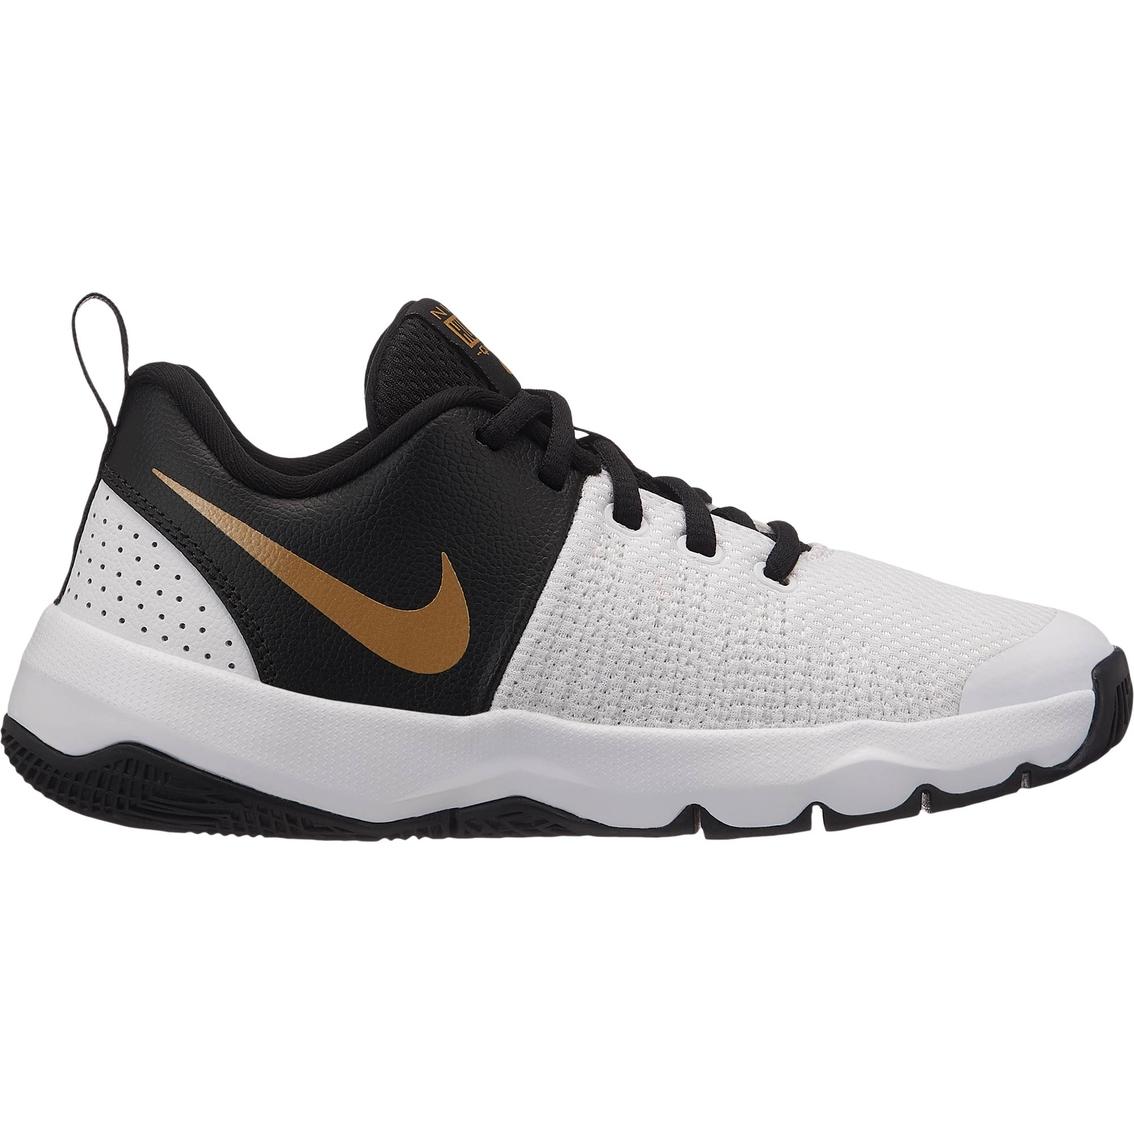 ee2e48e3416f Nike Grade School Boys Team Hustle Quick Basketball Shoes ...